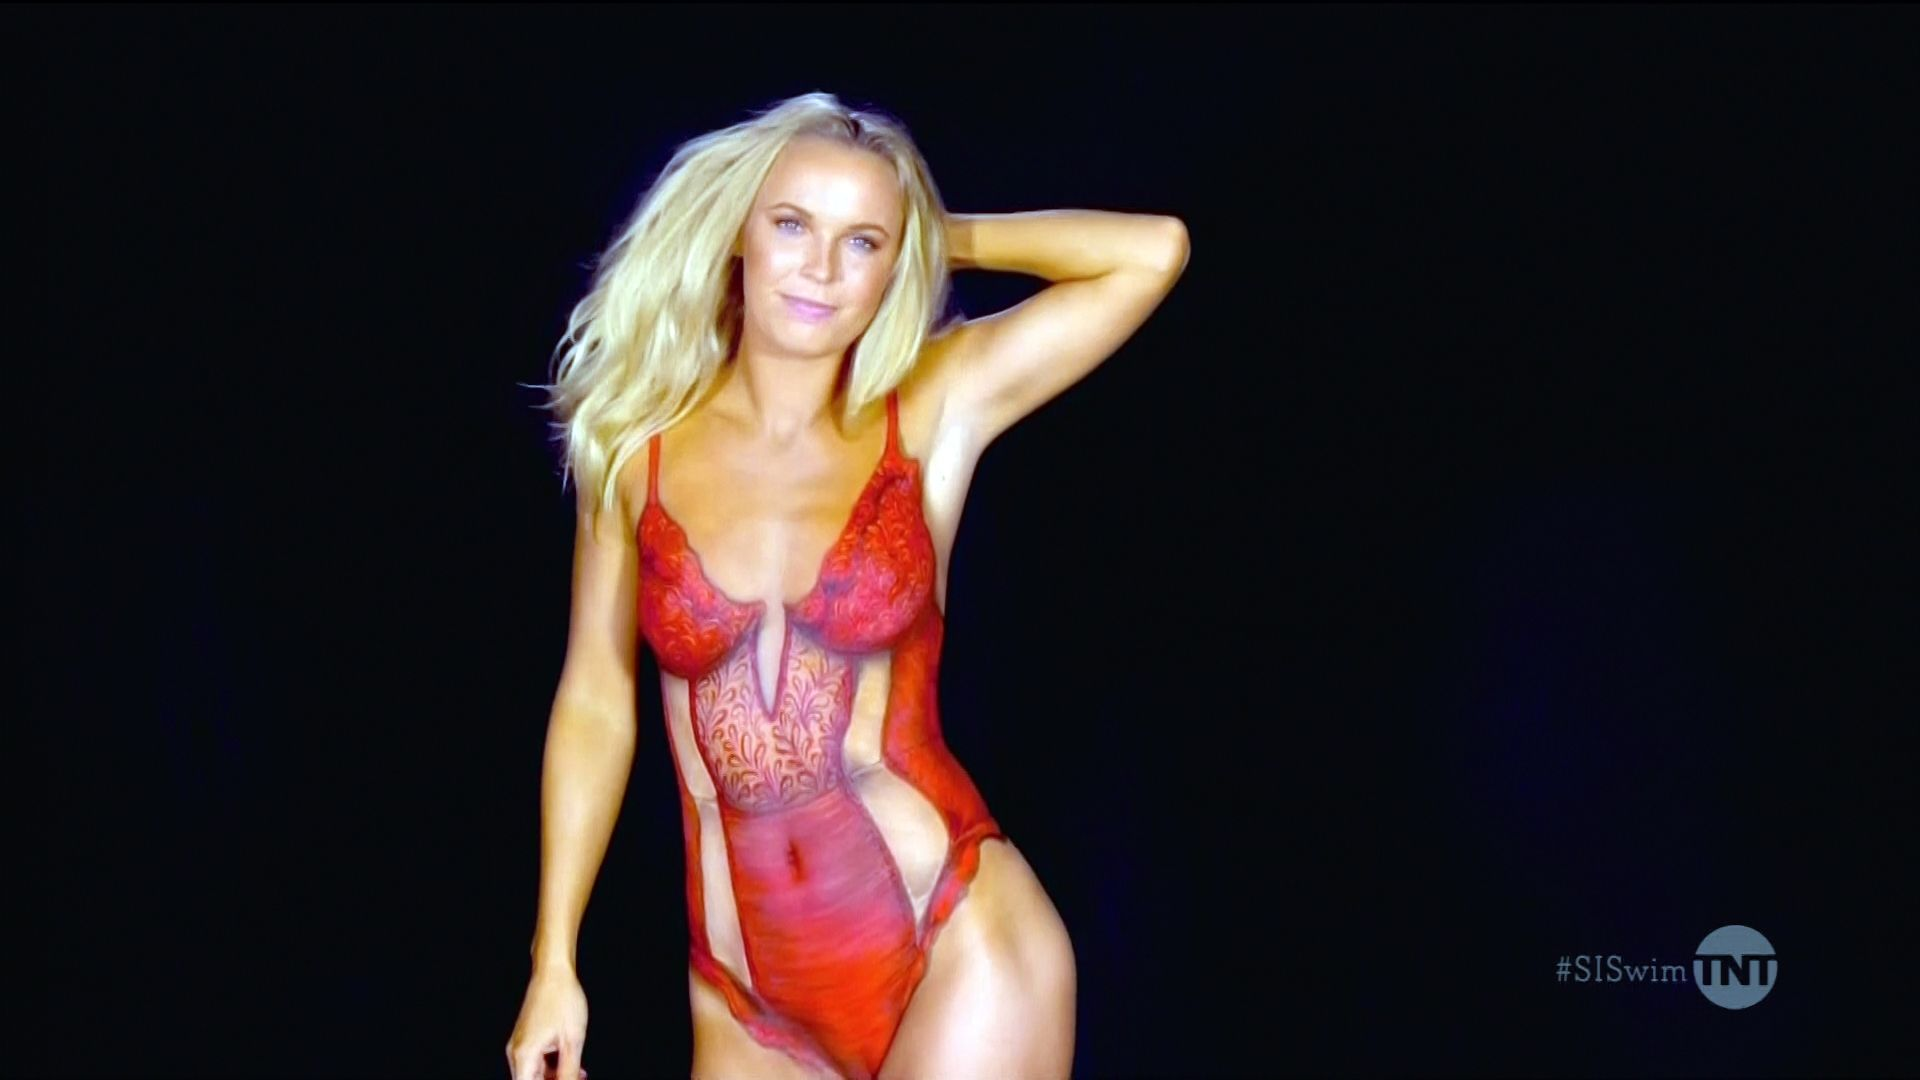 image Caroline wozniacki naked bodypaint